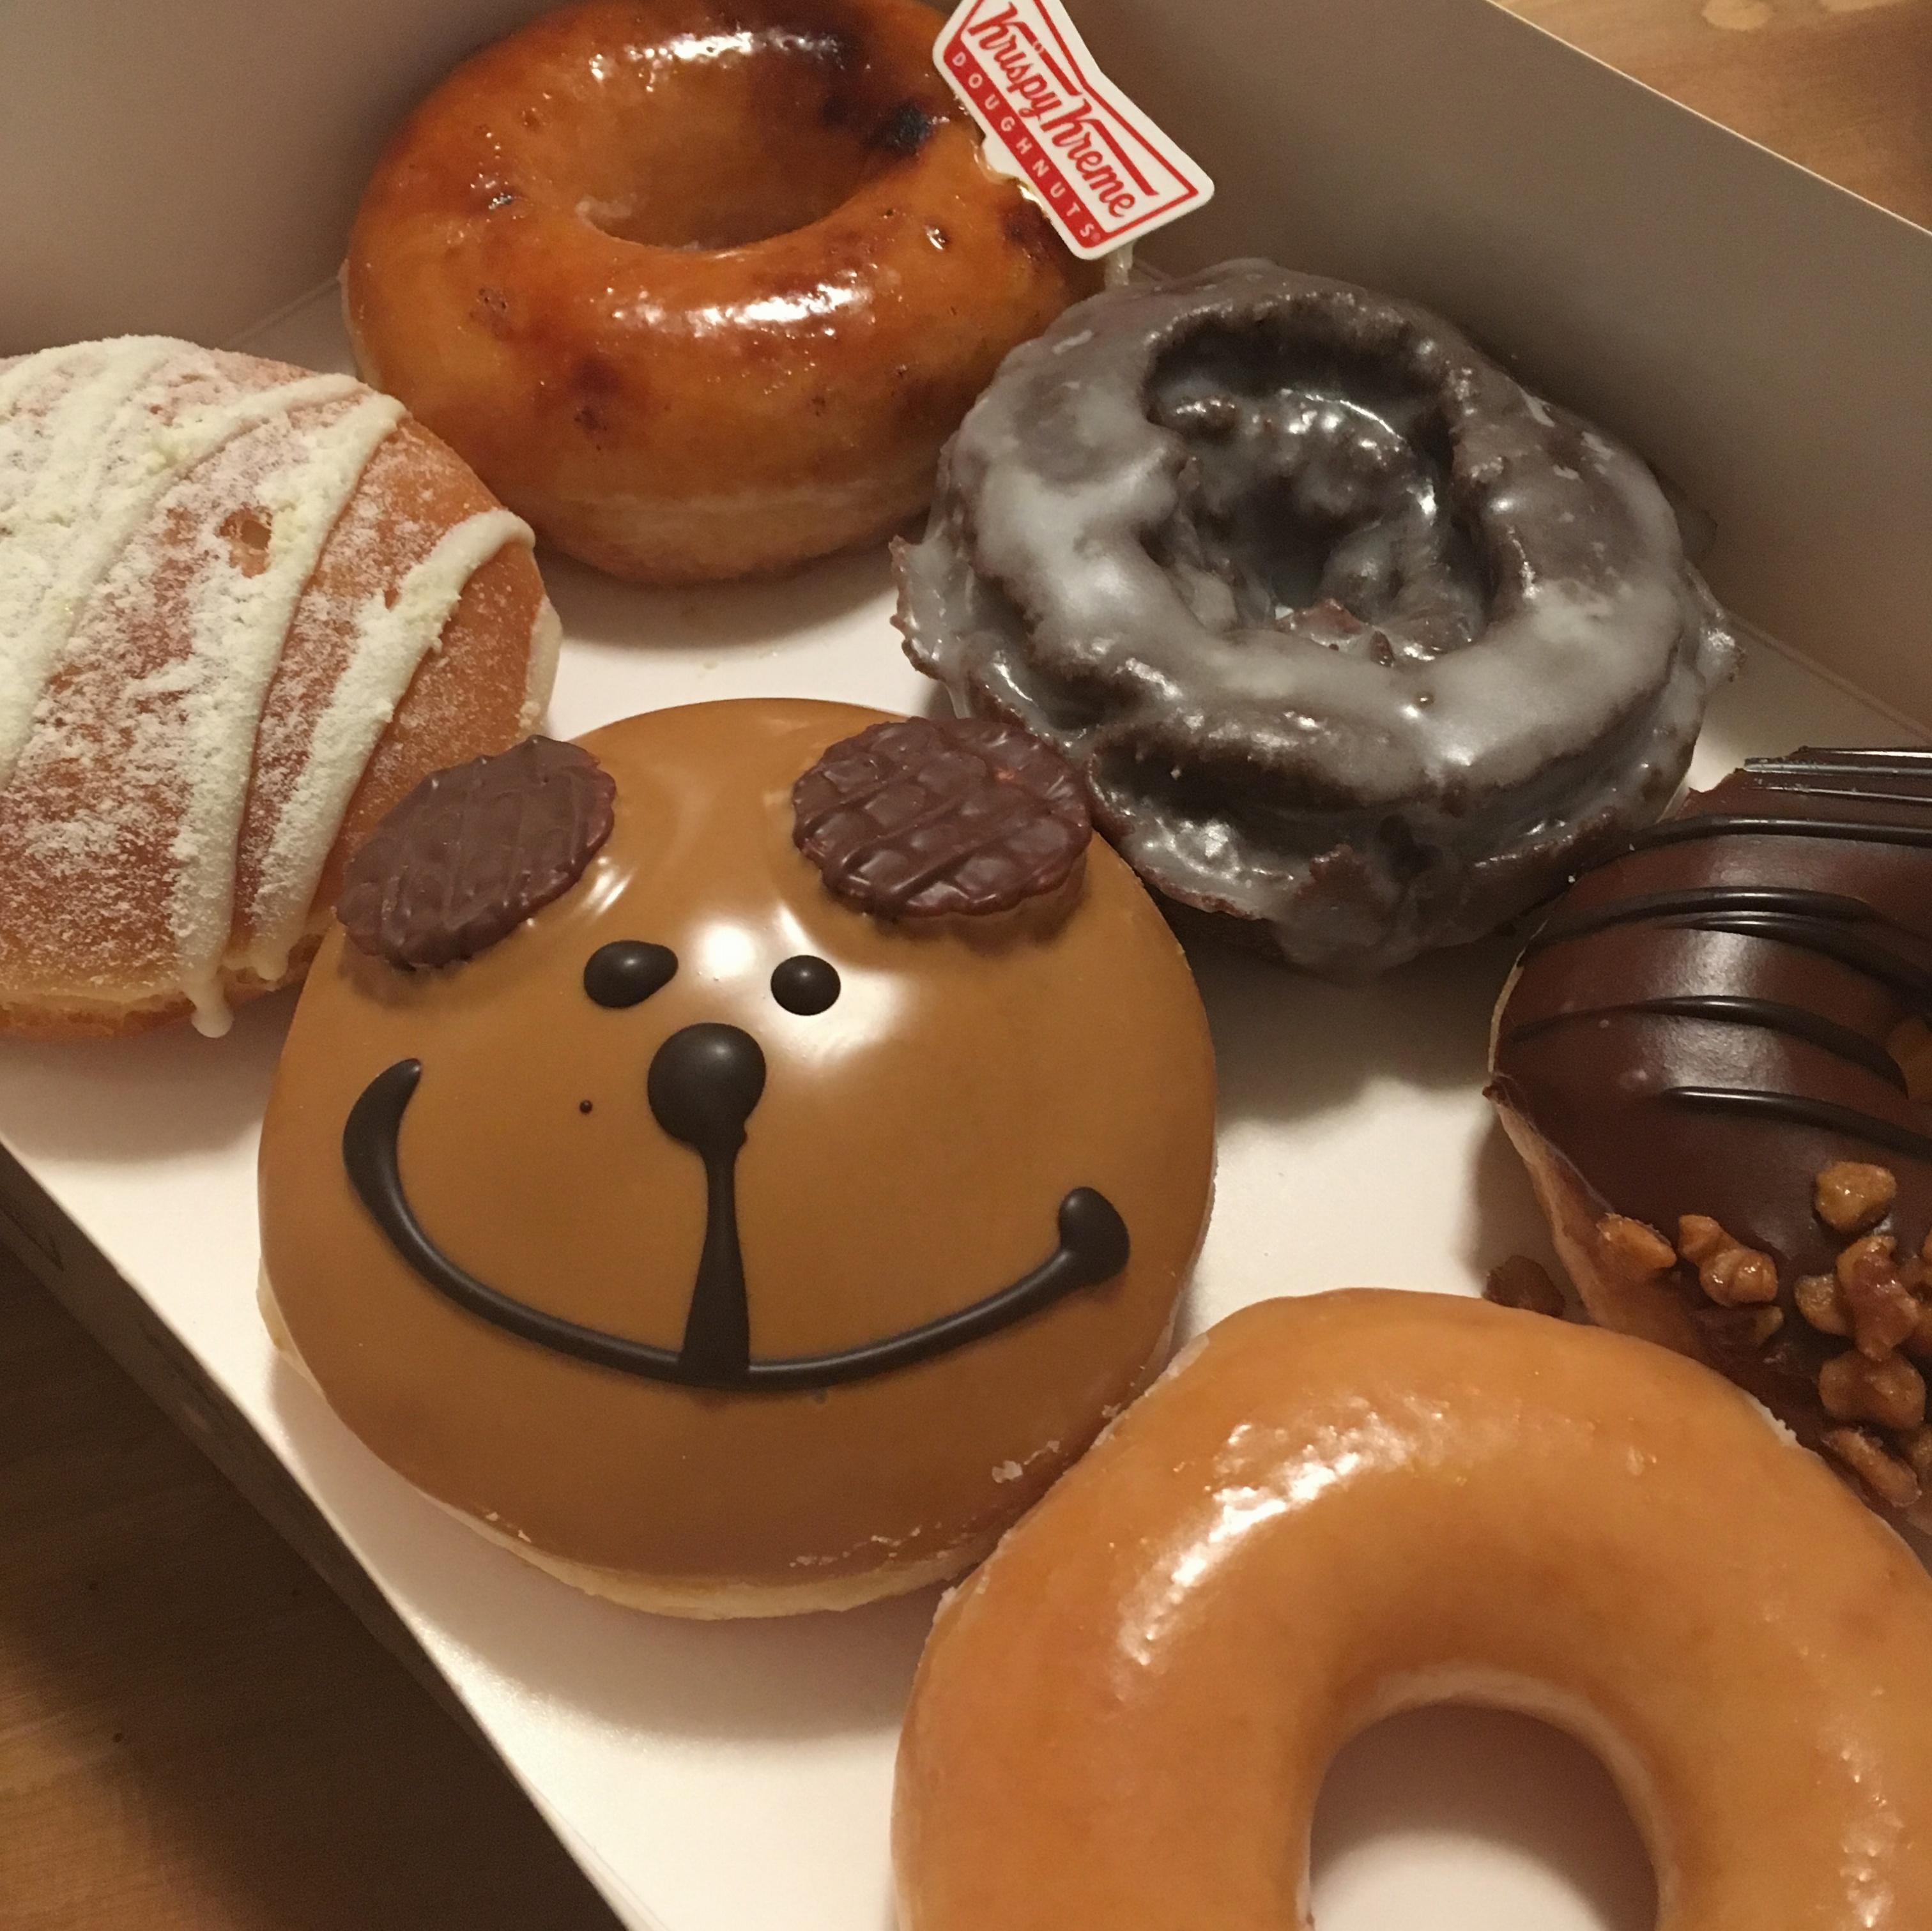 【ドーナツにハマってます】限定ドーナツがかわいすぎて食べられない♪_2